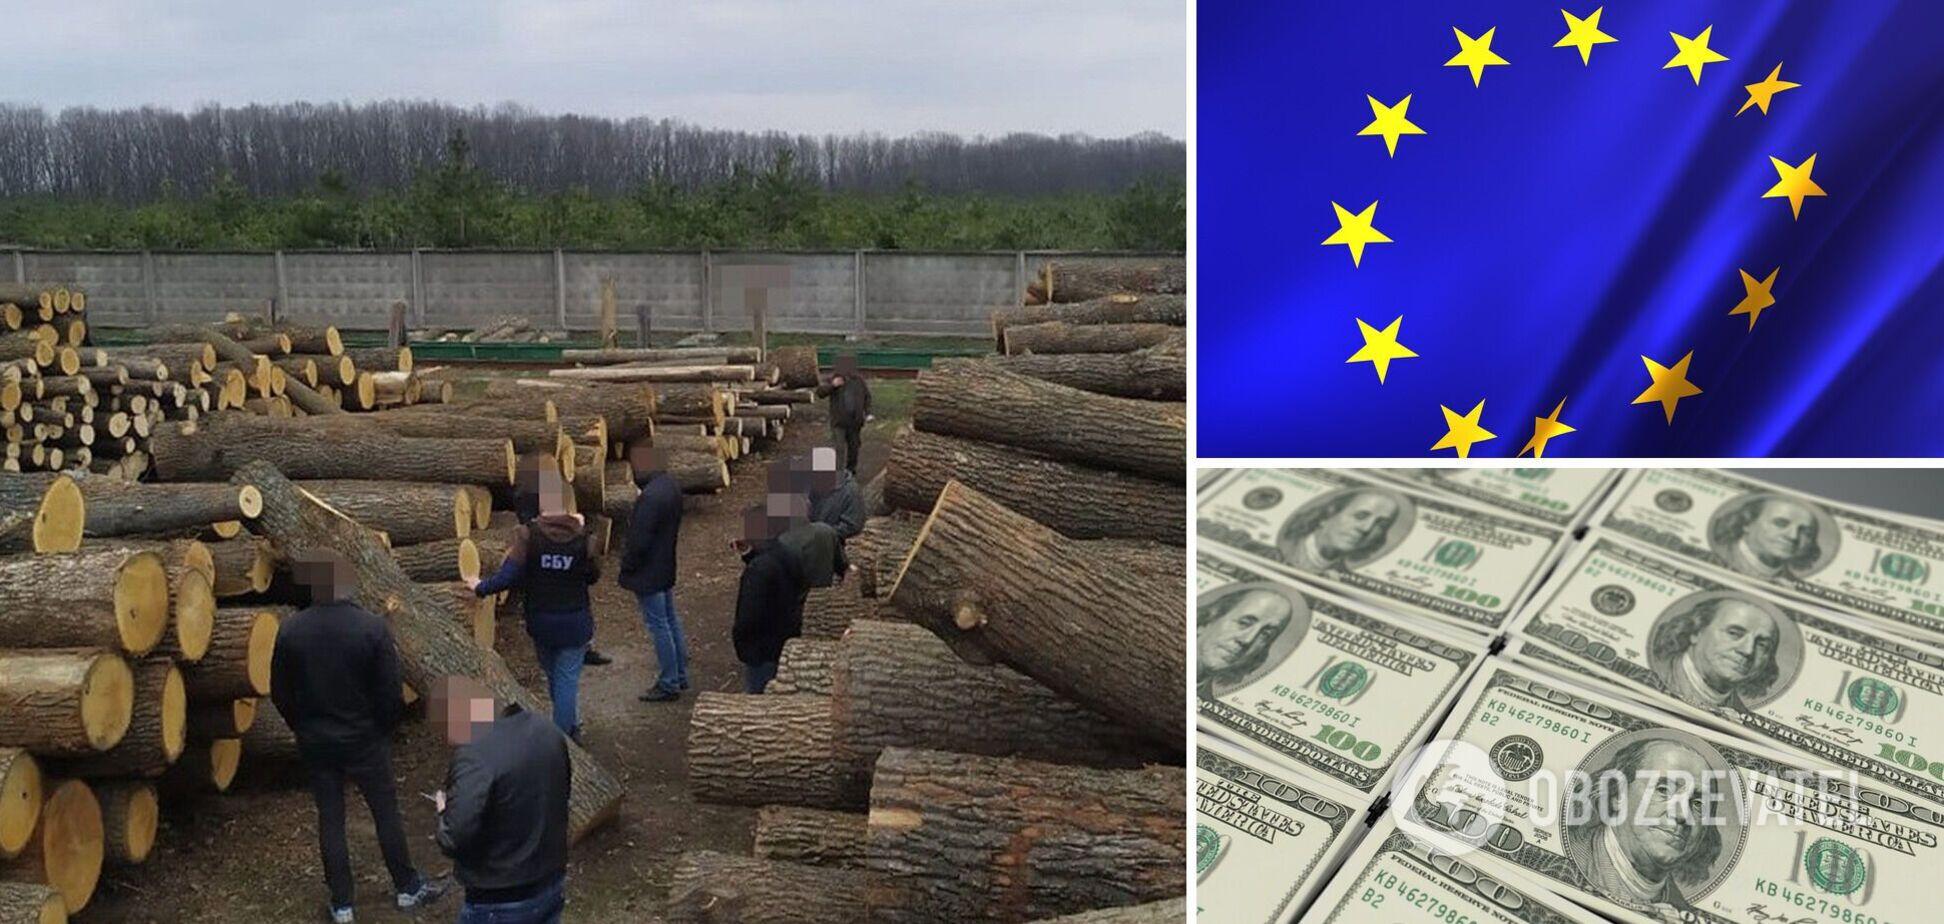 СБУ раскрыла масштабныесхемынезаконной вырубки и продажи древесины из Украины